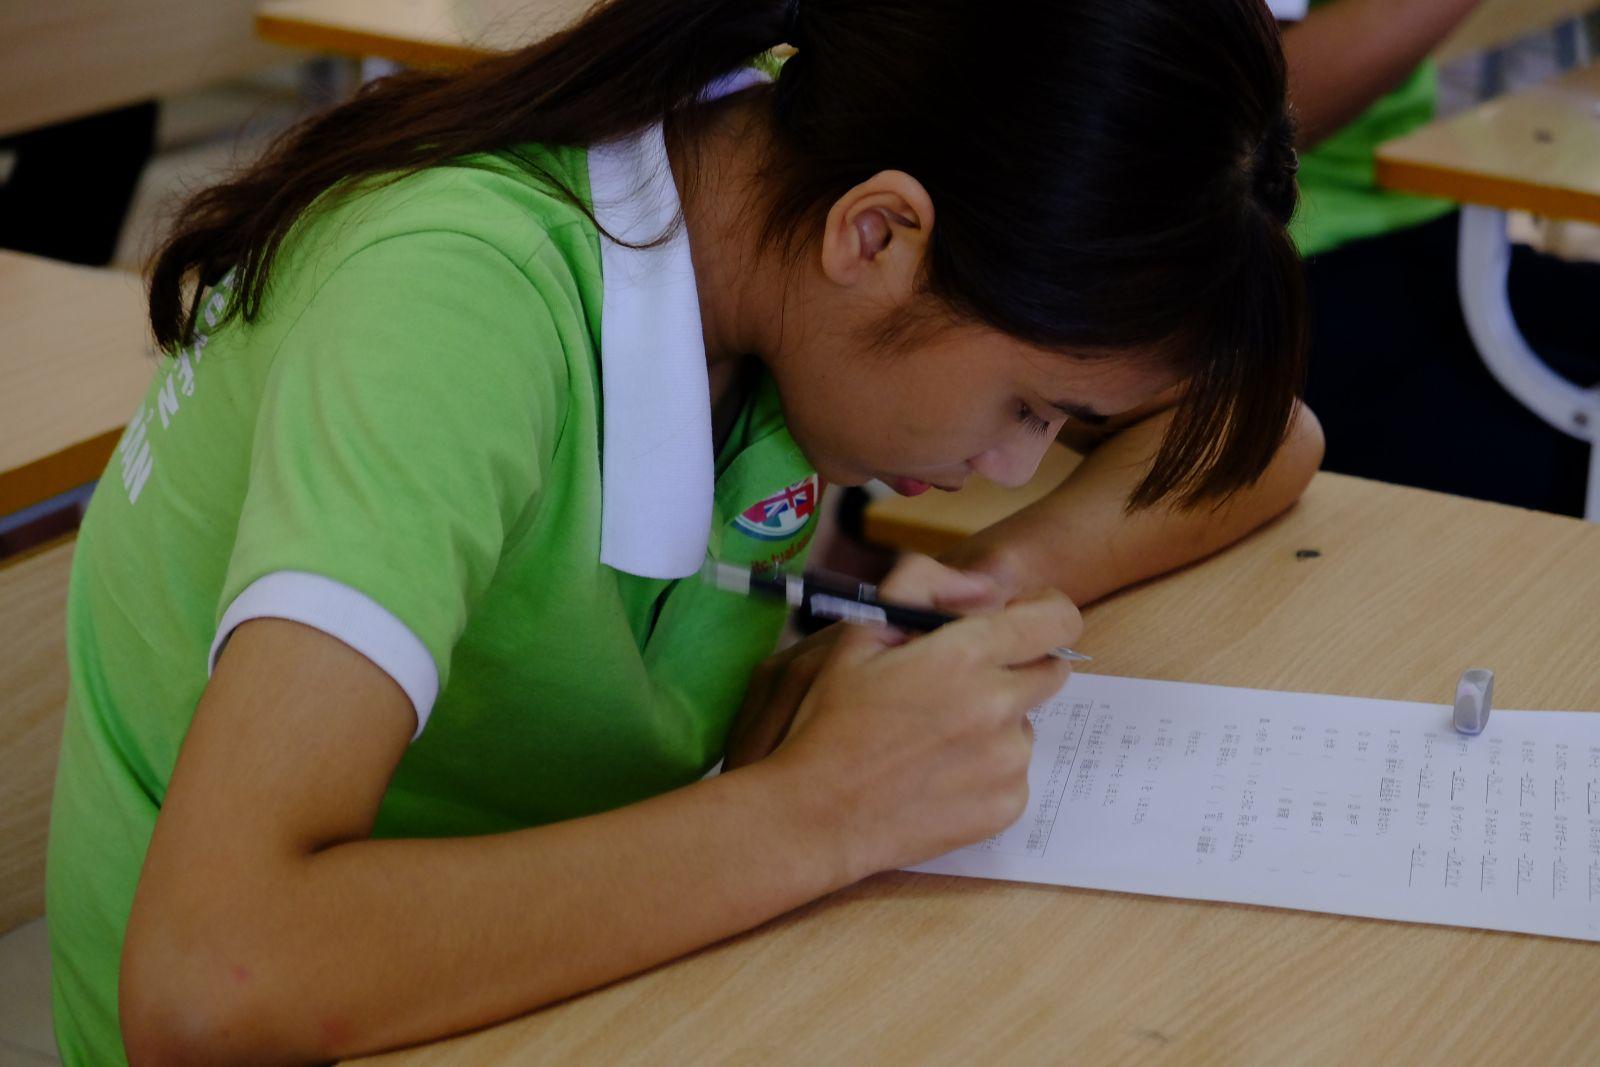 Trước buổi phỏng vấn, các thí sinh trải qua bài kiểm tra viết